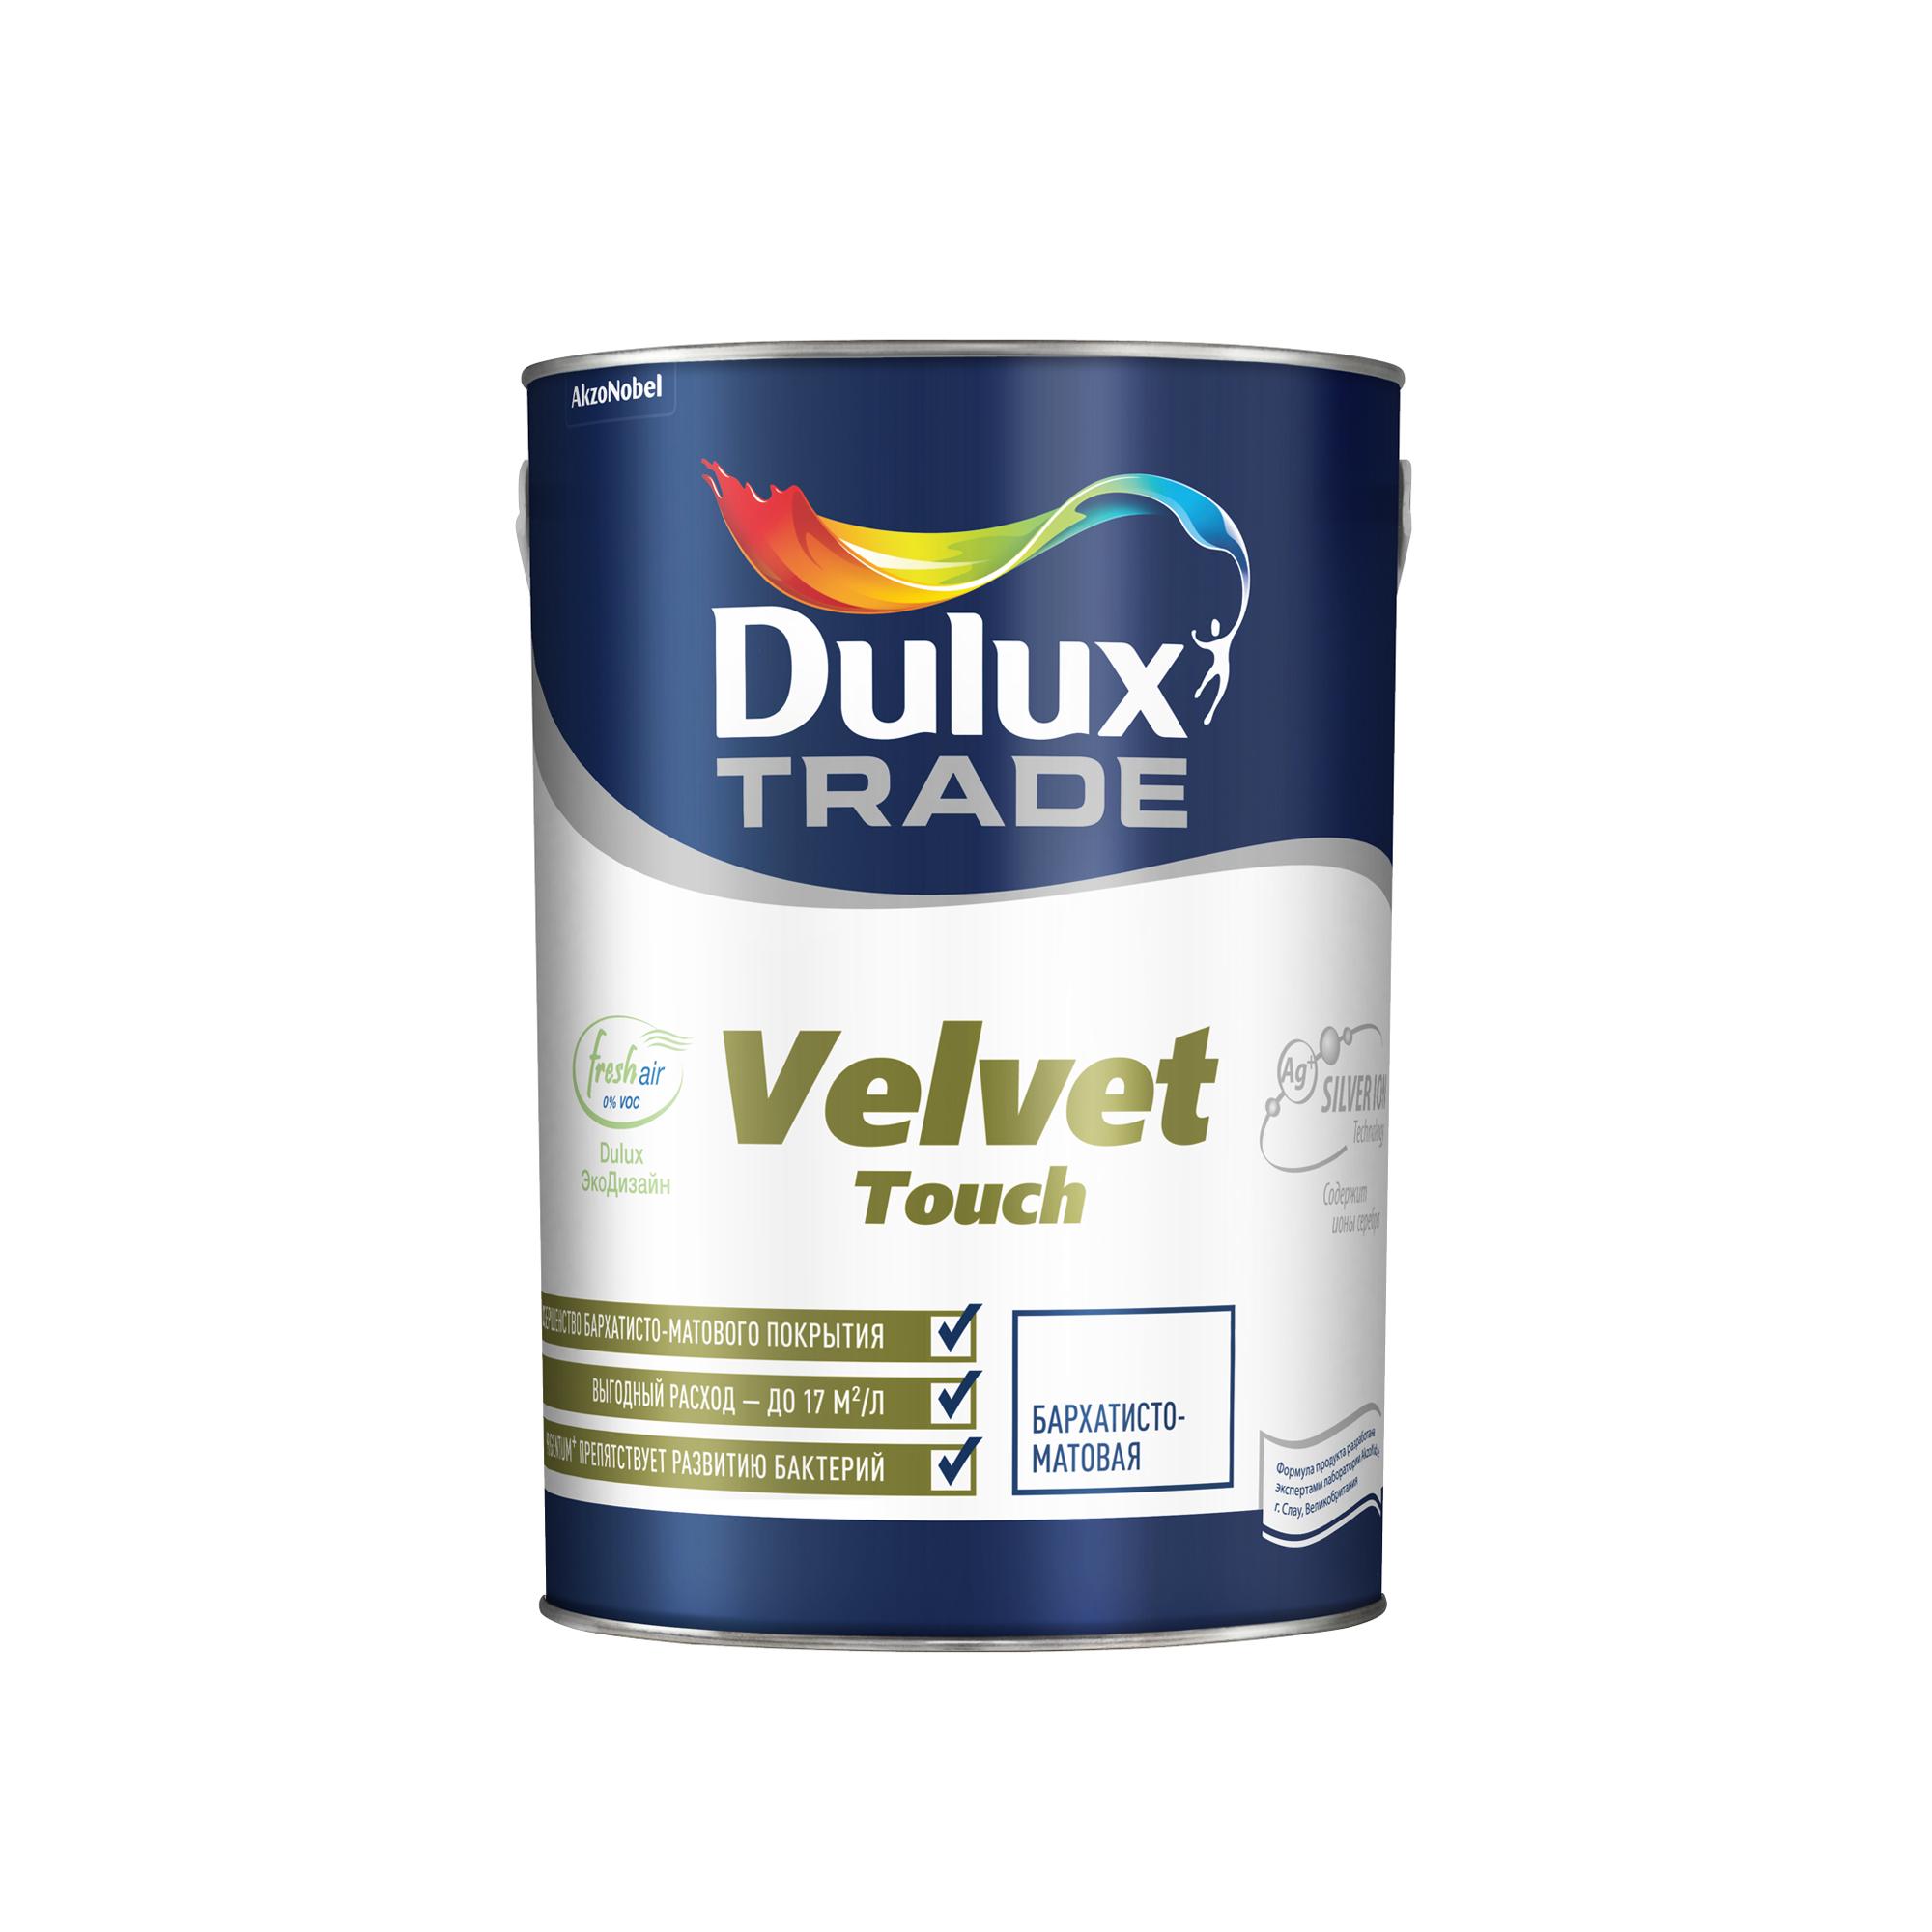 Купить Краска для внутренних работ Dulux Velvet Touch белая, 4, 8 л, Дюлакс/Dulux, Россия, белый